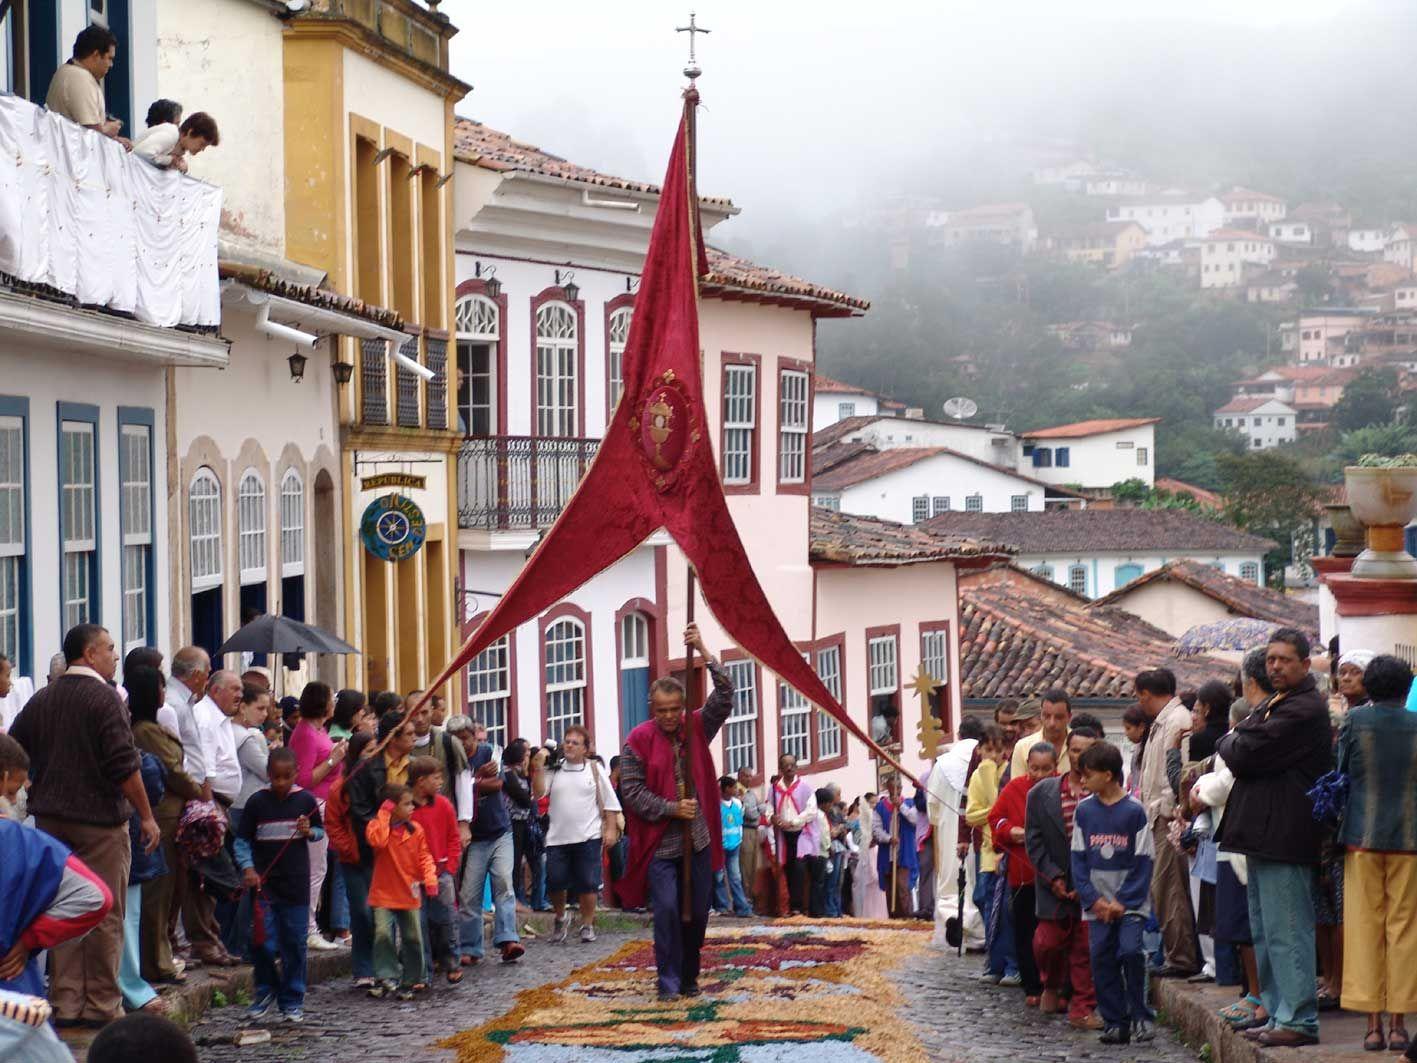 SOLENIDADES DA SEMANA SANTA  ARQUIDIOCESE DE MARIANA  PARÓQUIA DE NOSSA SENHORA DO PILAR  OURO PRETO – 2010